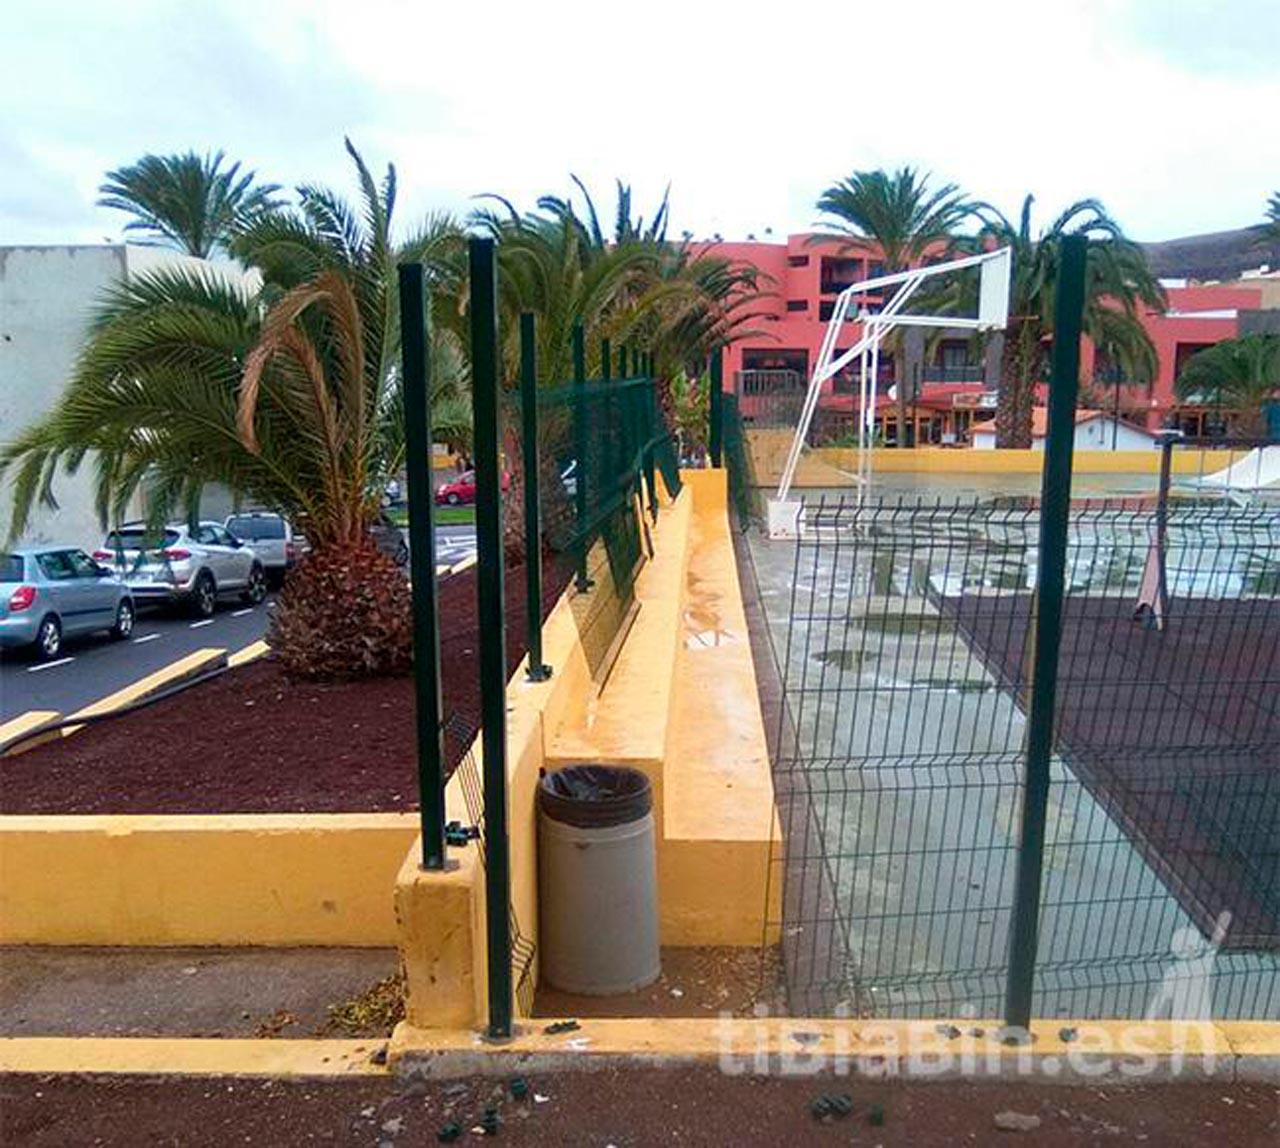 El Ayuntamiento de Pájara invierte más de 18.000 euros en acondicionar la Cancha Municipal de La Lajita